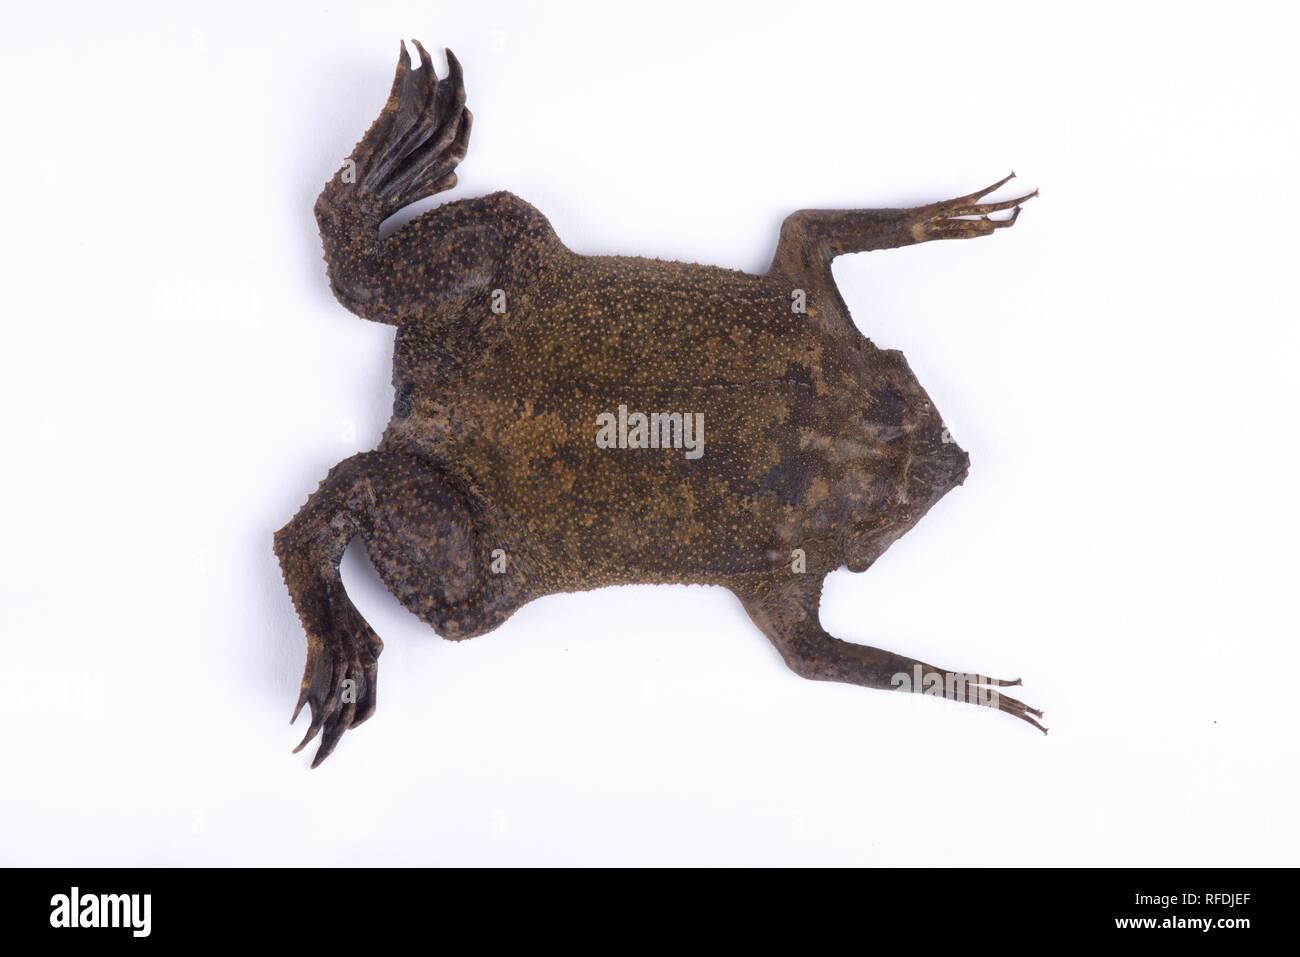 Surinam toad (Pipa pipa) - Stock Image